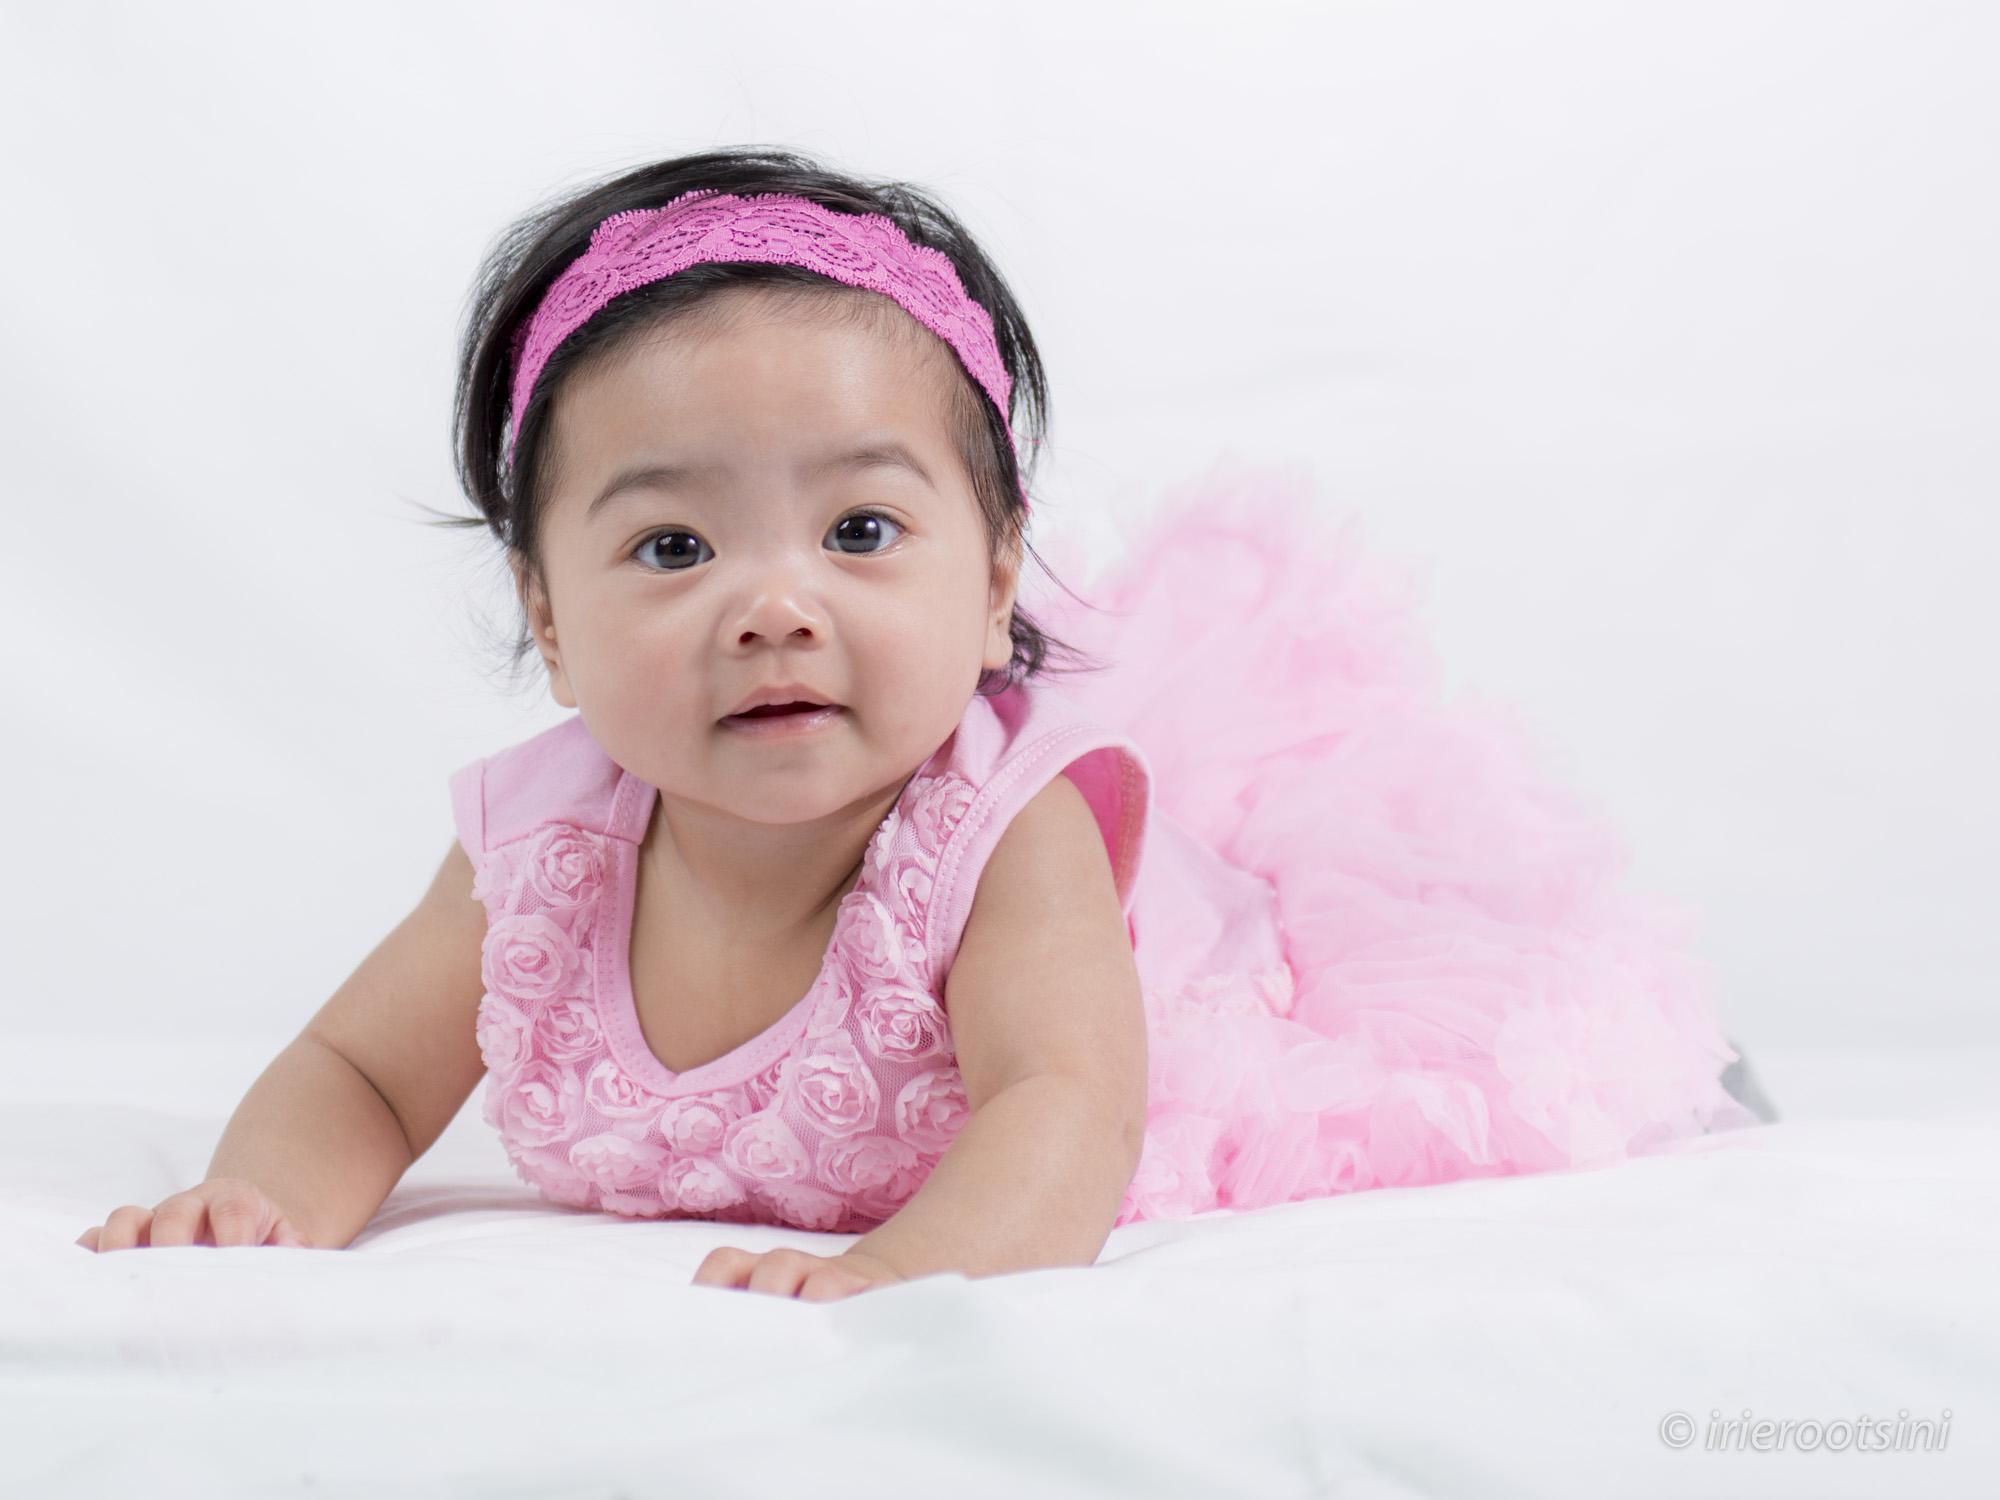 Baby in Pink Dress-Kingswood.jpg